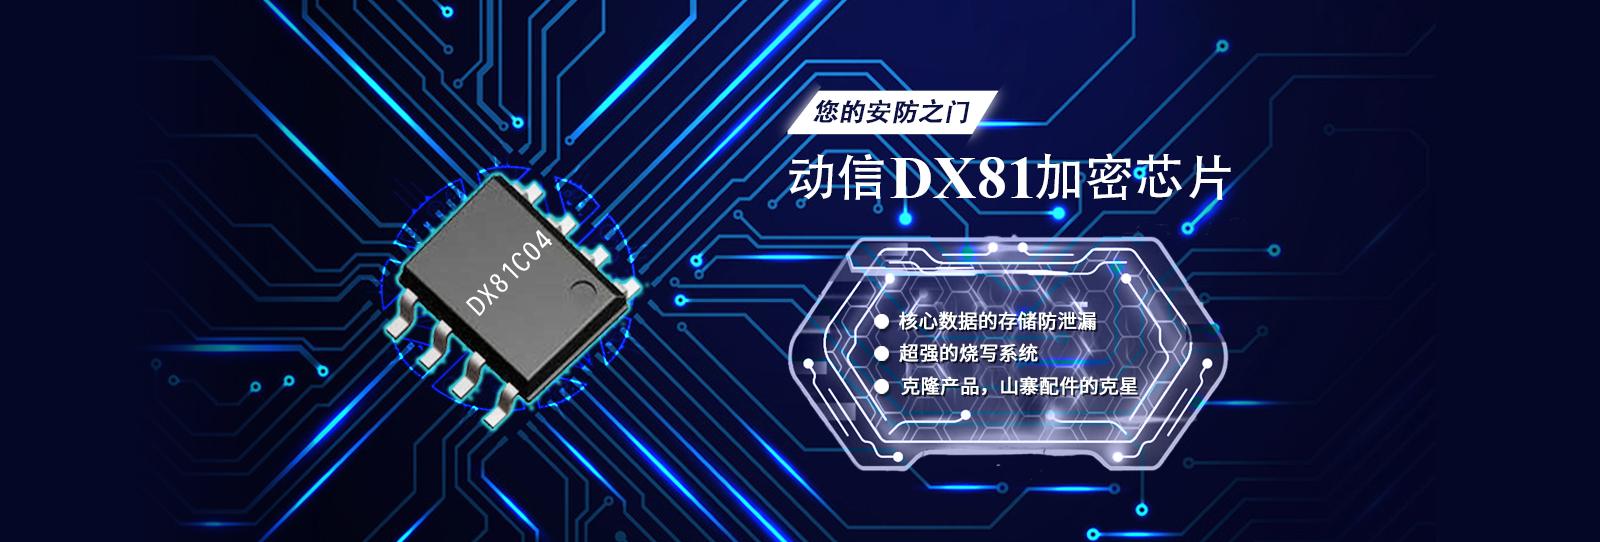 上海動信微電子科技有限公司